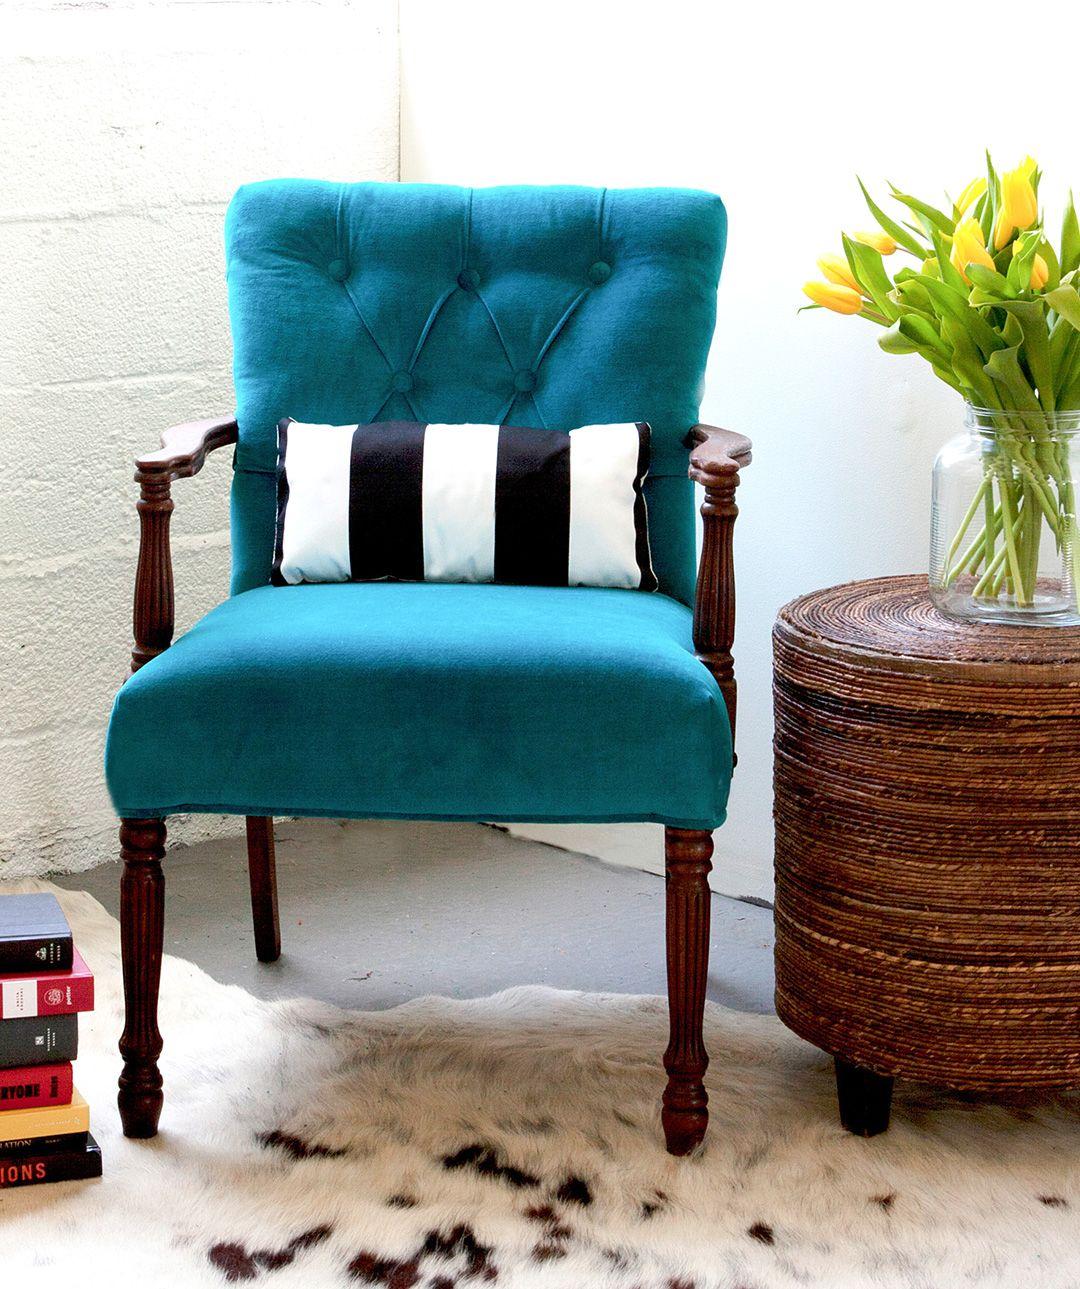 Качество - одно из преимуществ перетяжки кресла